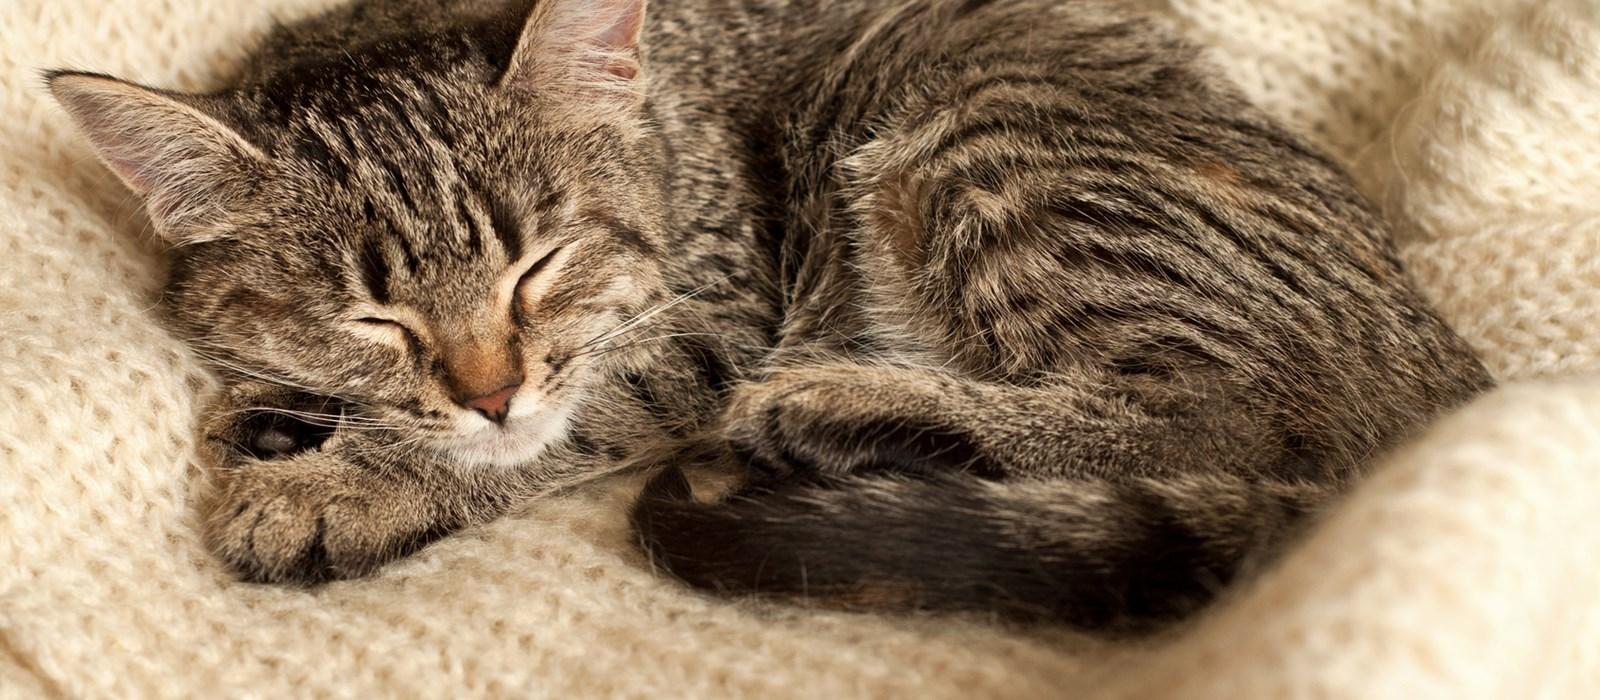 1c679039b6 Hoeveel slaap heeft mijn kitten nodig